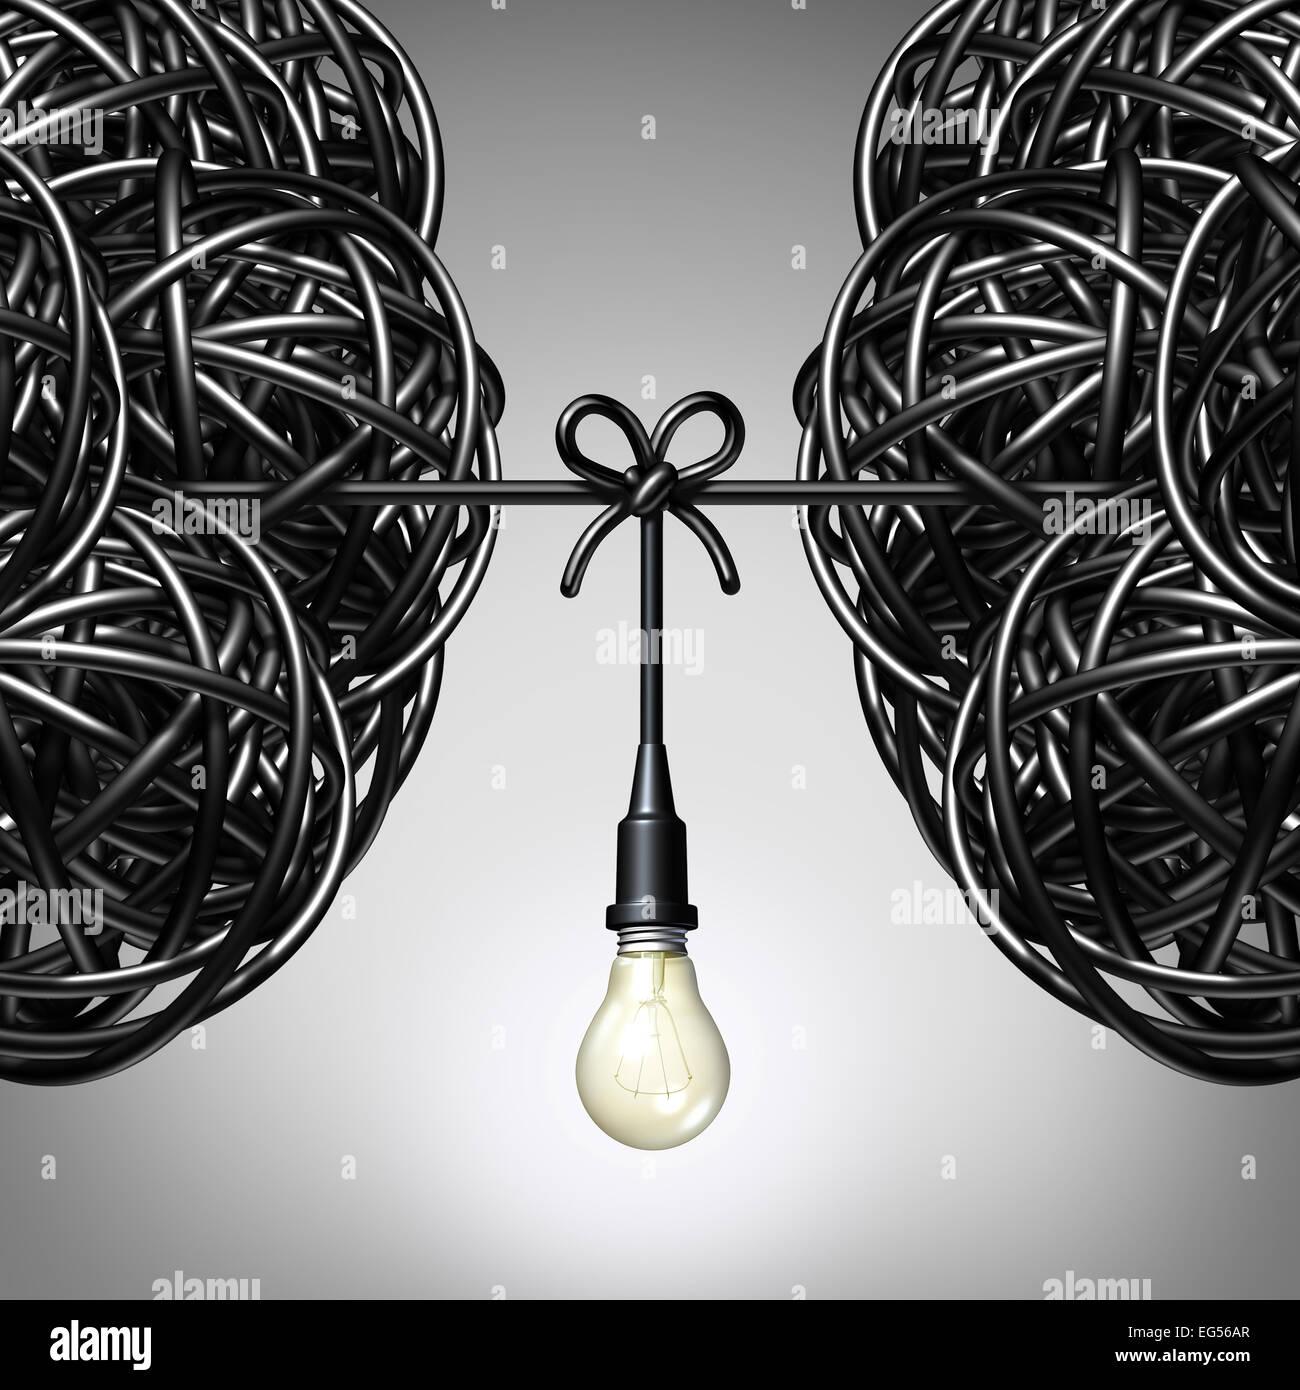 Le idee del team e il concetto di collaborazione di due gruppi di aggrovigliarsi cavo elettrico o il filo con una Immagini Stock